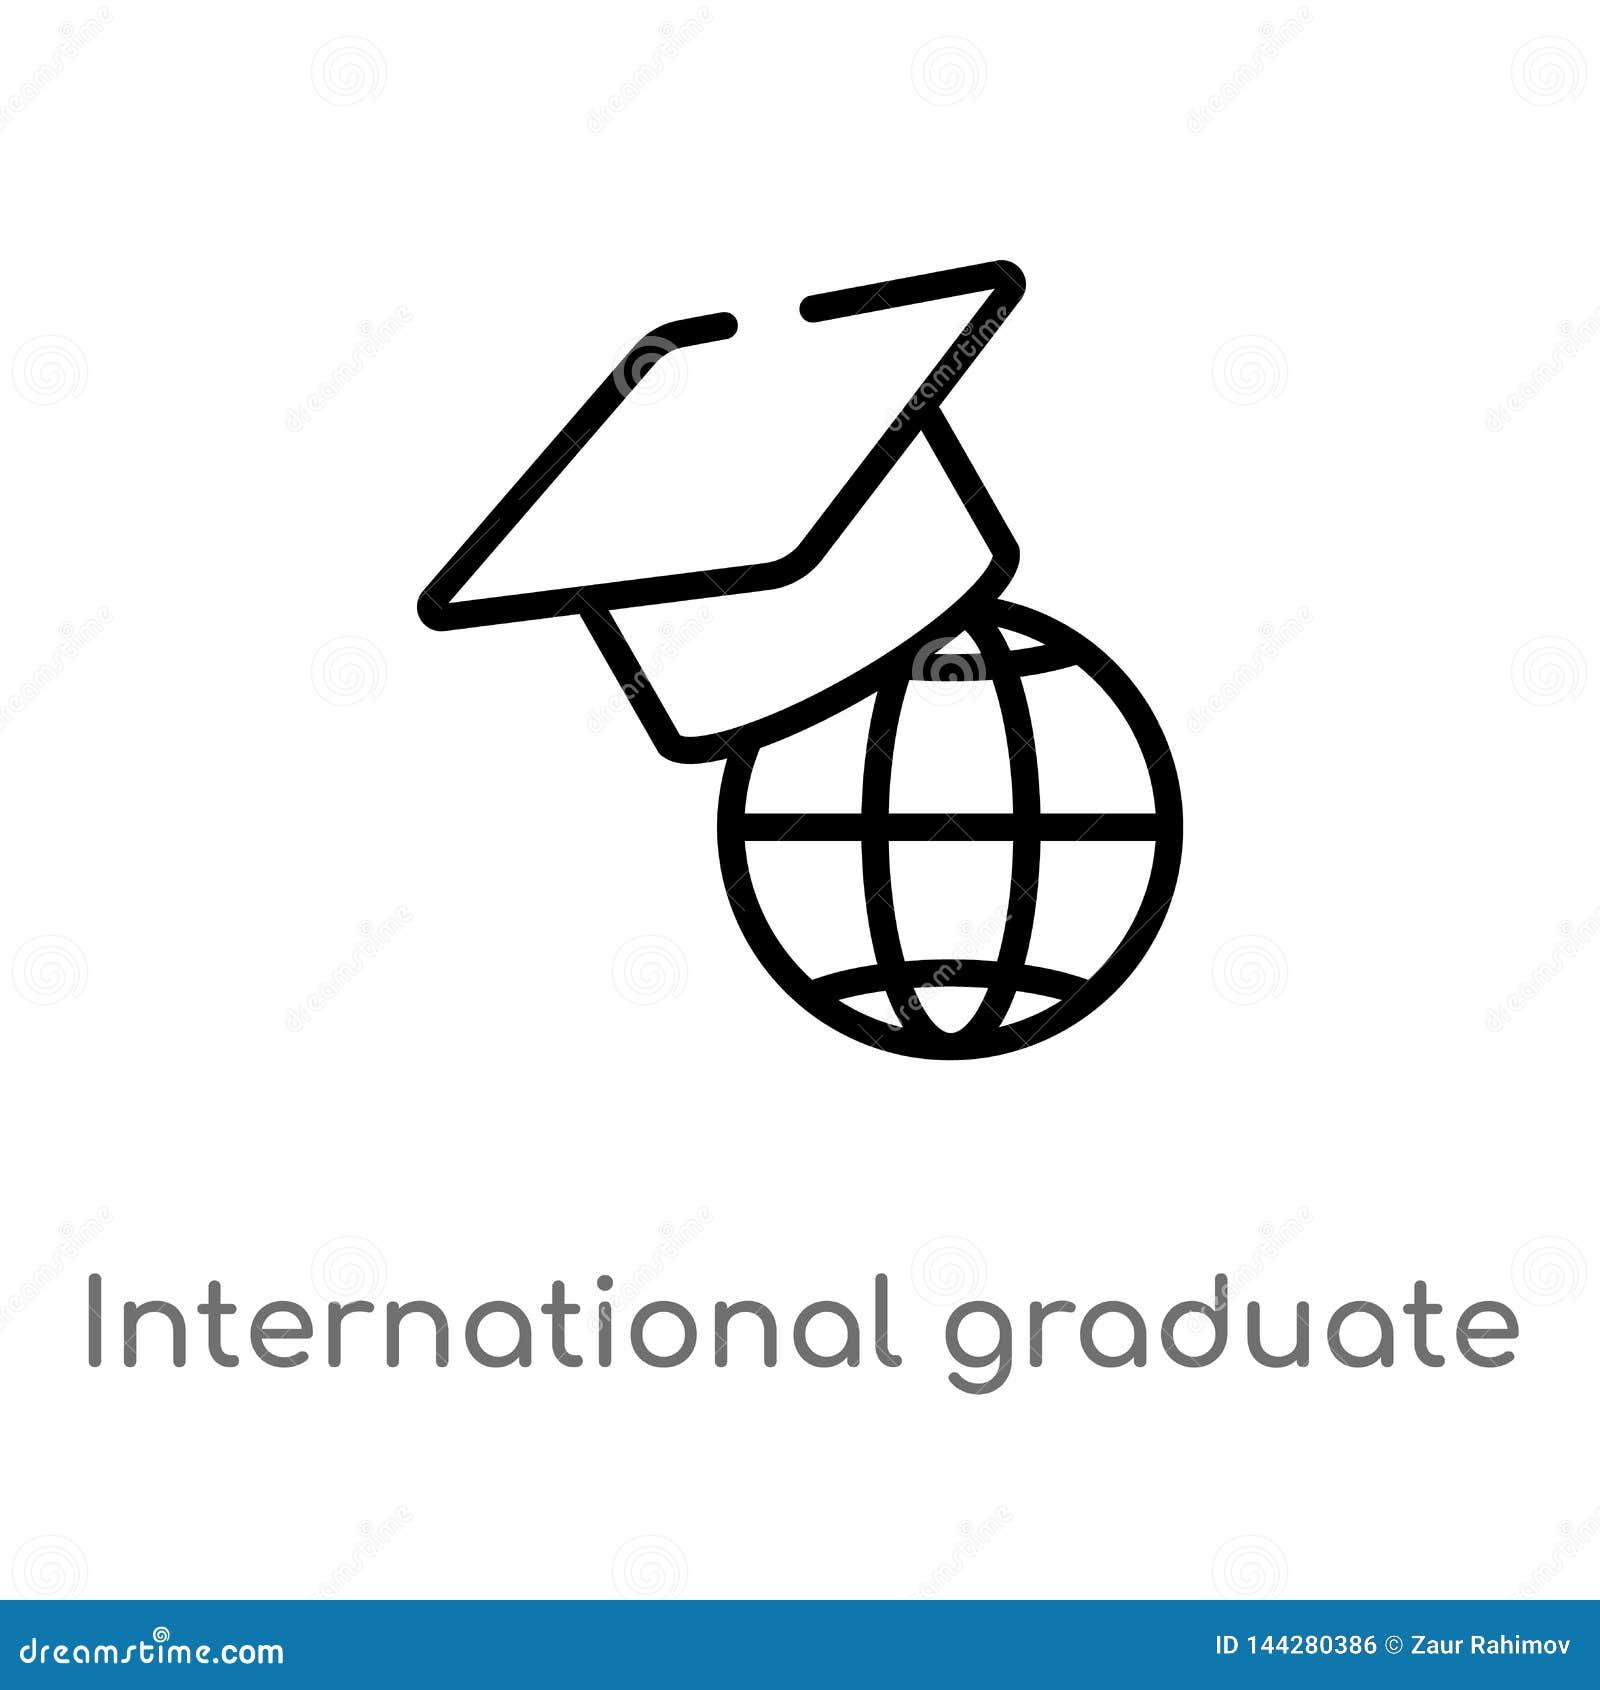 Icono graduado internacional del vector del esquema l?nea simple negra aislada ejemplo del elemento del concepto de la educaci?n